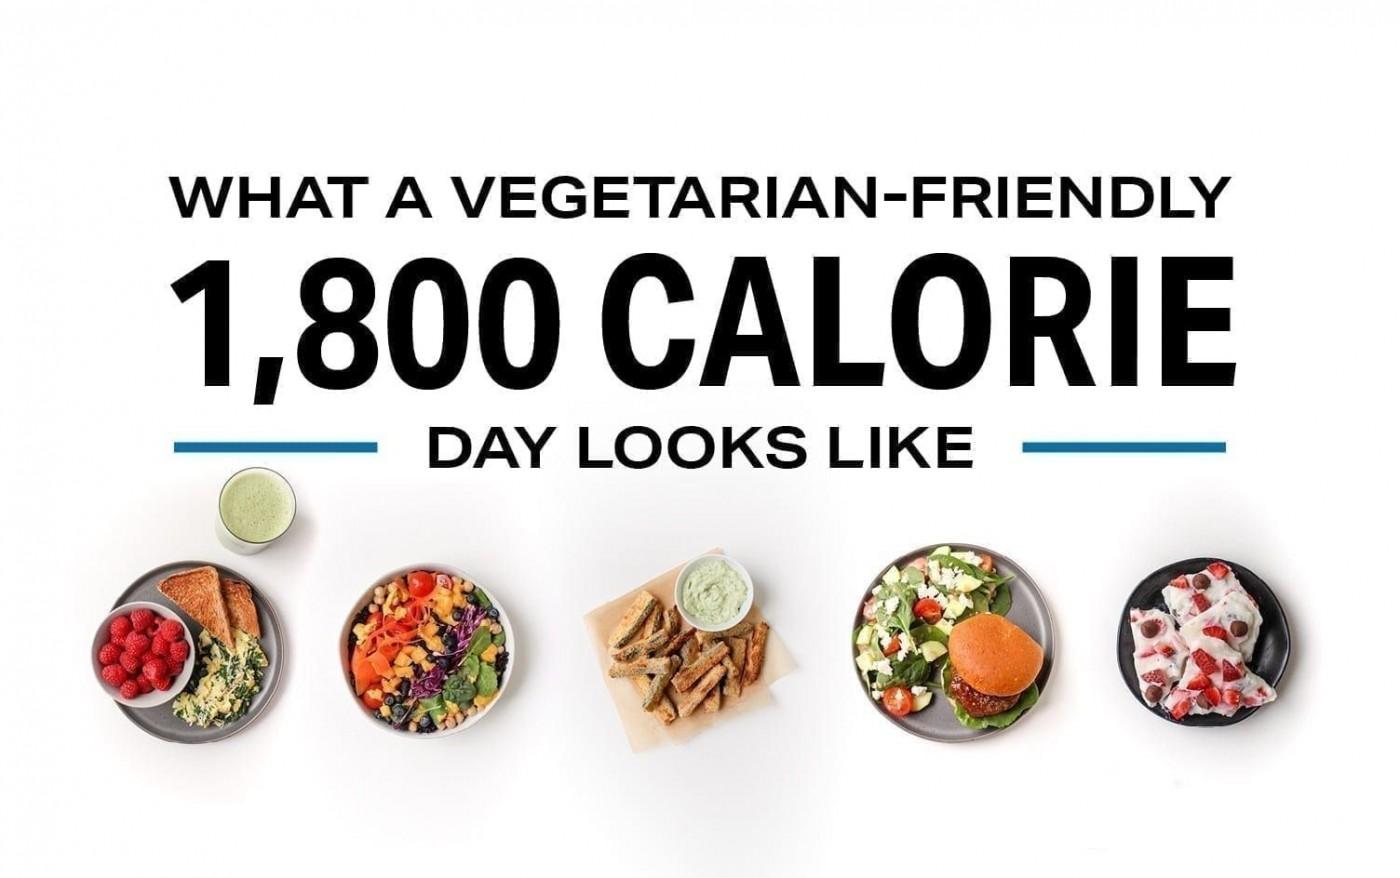 008 Frightening Sample 1800 Calorie Meal Plan Pdf Idea 1400